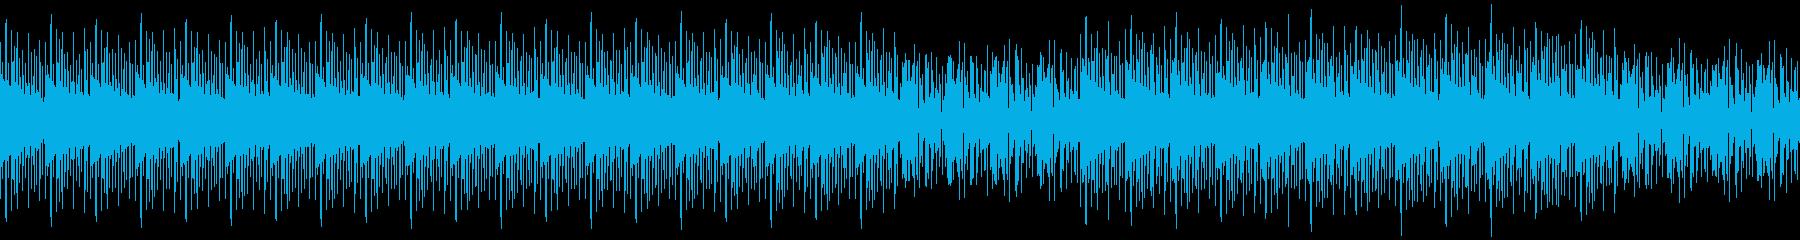 ハウス・ニュース・報道番組・ゲームの再生済みの波形